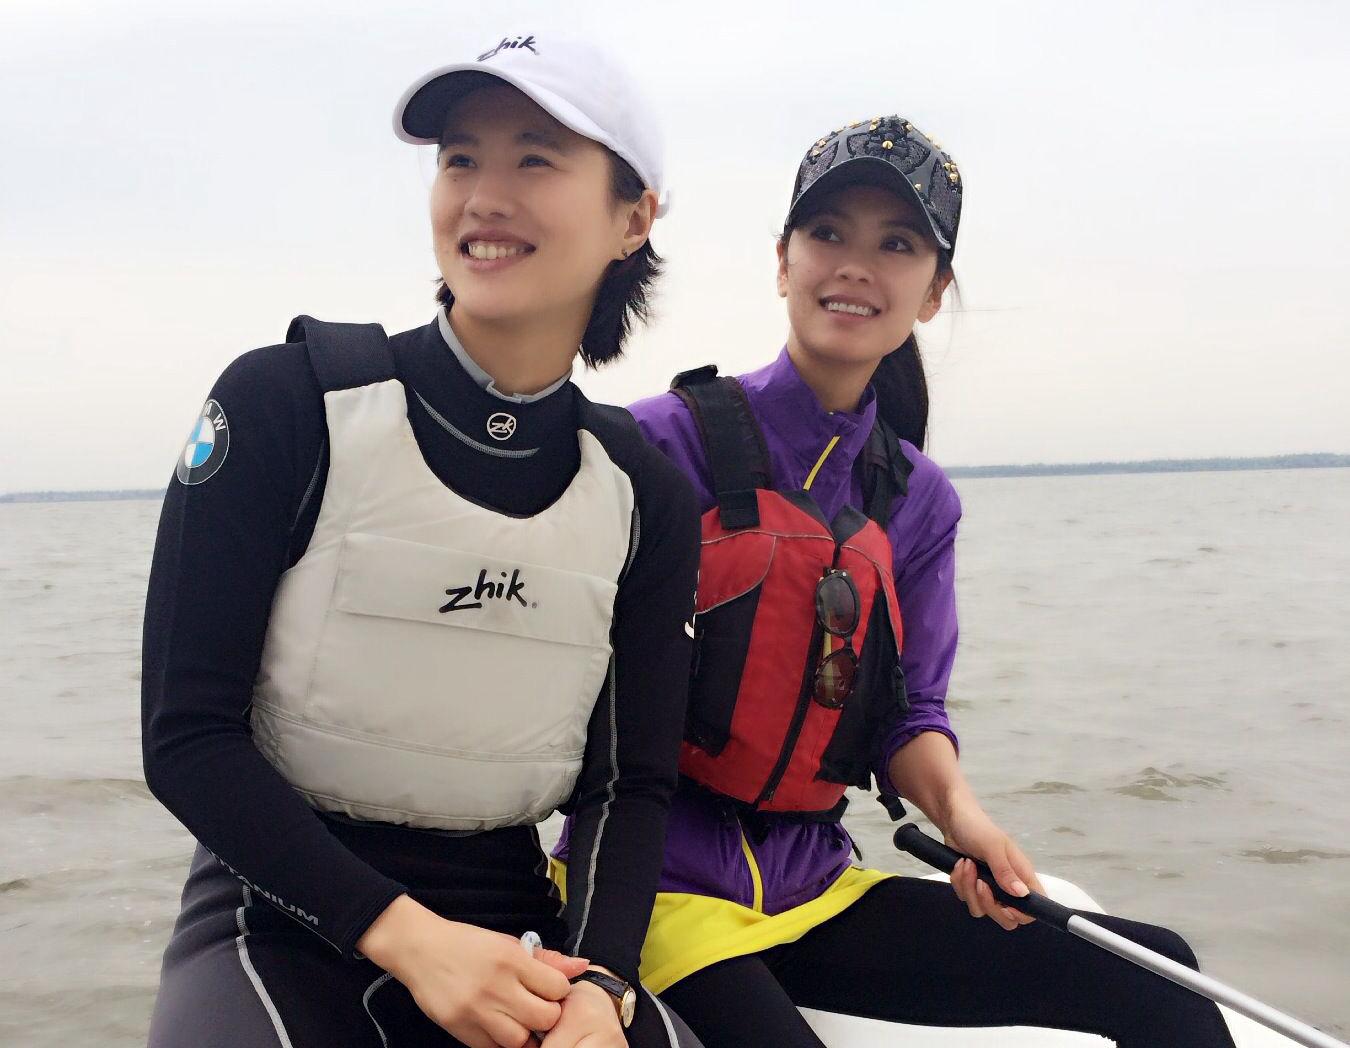 奥运冠军,在线提问,徐莉佳,帆船 奥运冠军徐莉佳在线:帆船航海在线提问解答 IMG_7633-2.jpg